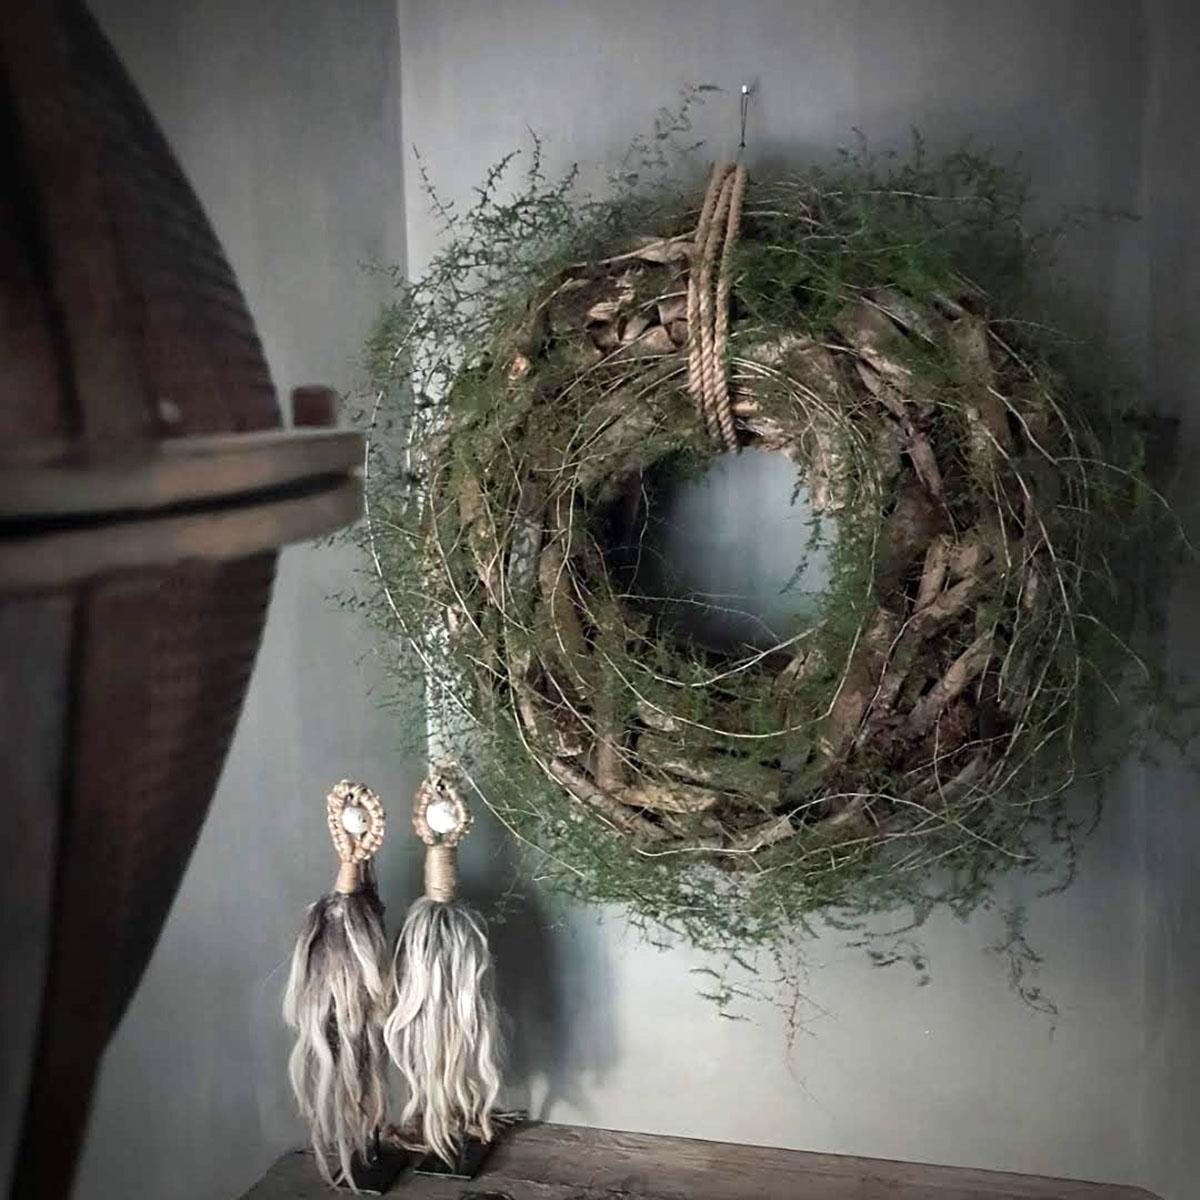 Afbeelding van krans drijfhout wilde asparagus op schouw voor gebruik in webshop van Antérieur Authentique